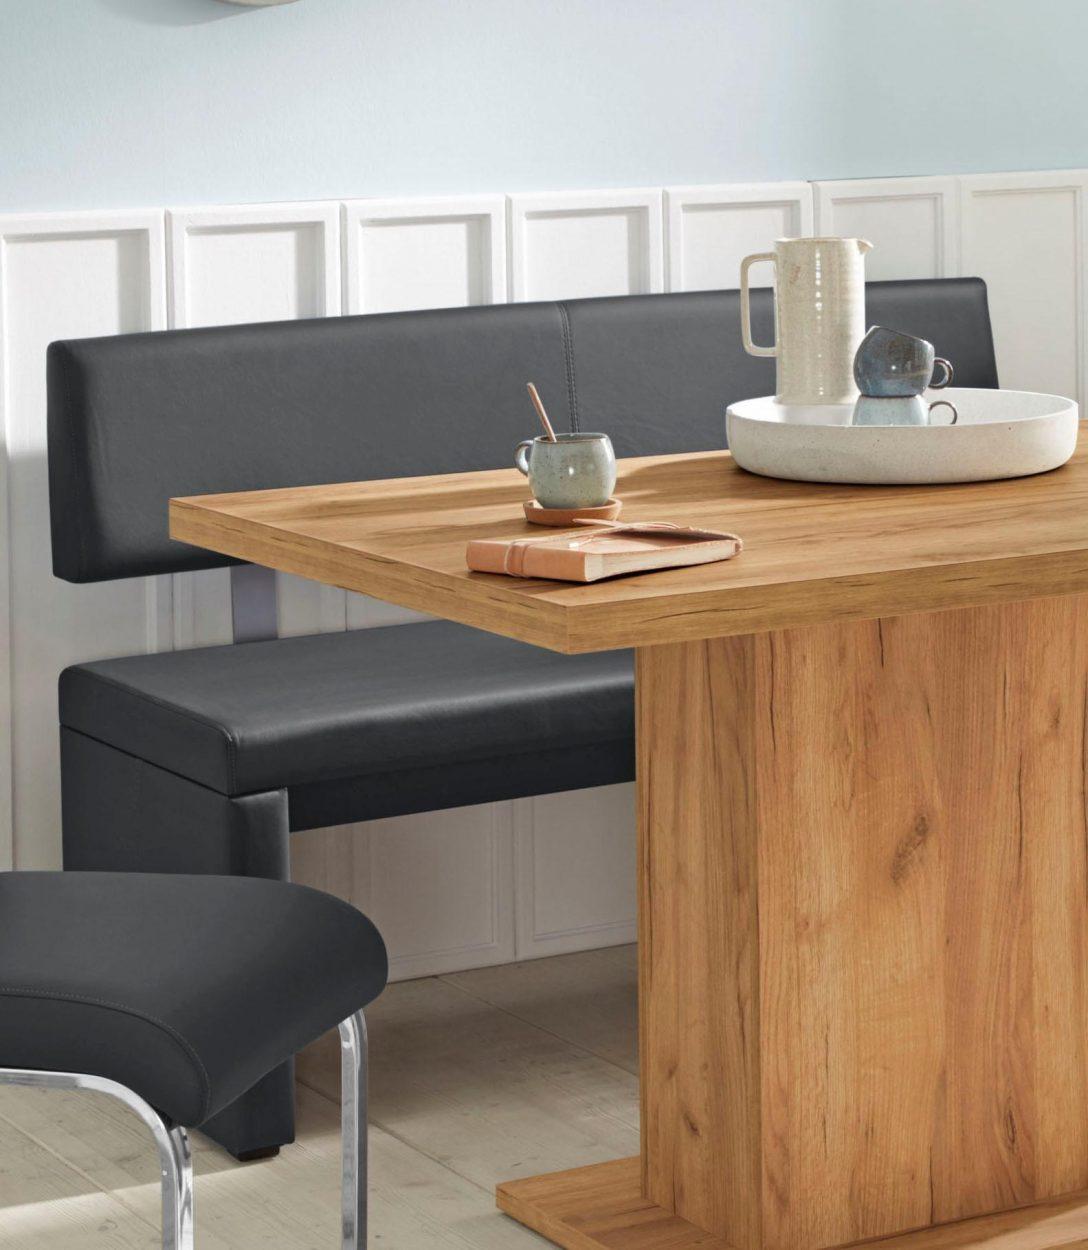 Large Size of Regal Mit Schreibtisch Bett Beleuchtung Einbauküche Selber Bauen Teppich Küche E Geräten Kaufen Ikea Sitzbank Bad Arbeitsplatten Vorratsschrank Weiße Wohnzimmer Küche Mit Sitzbank